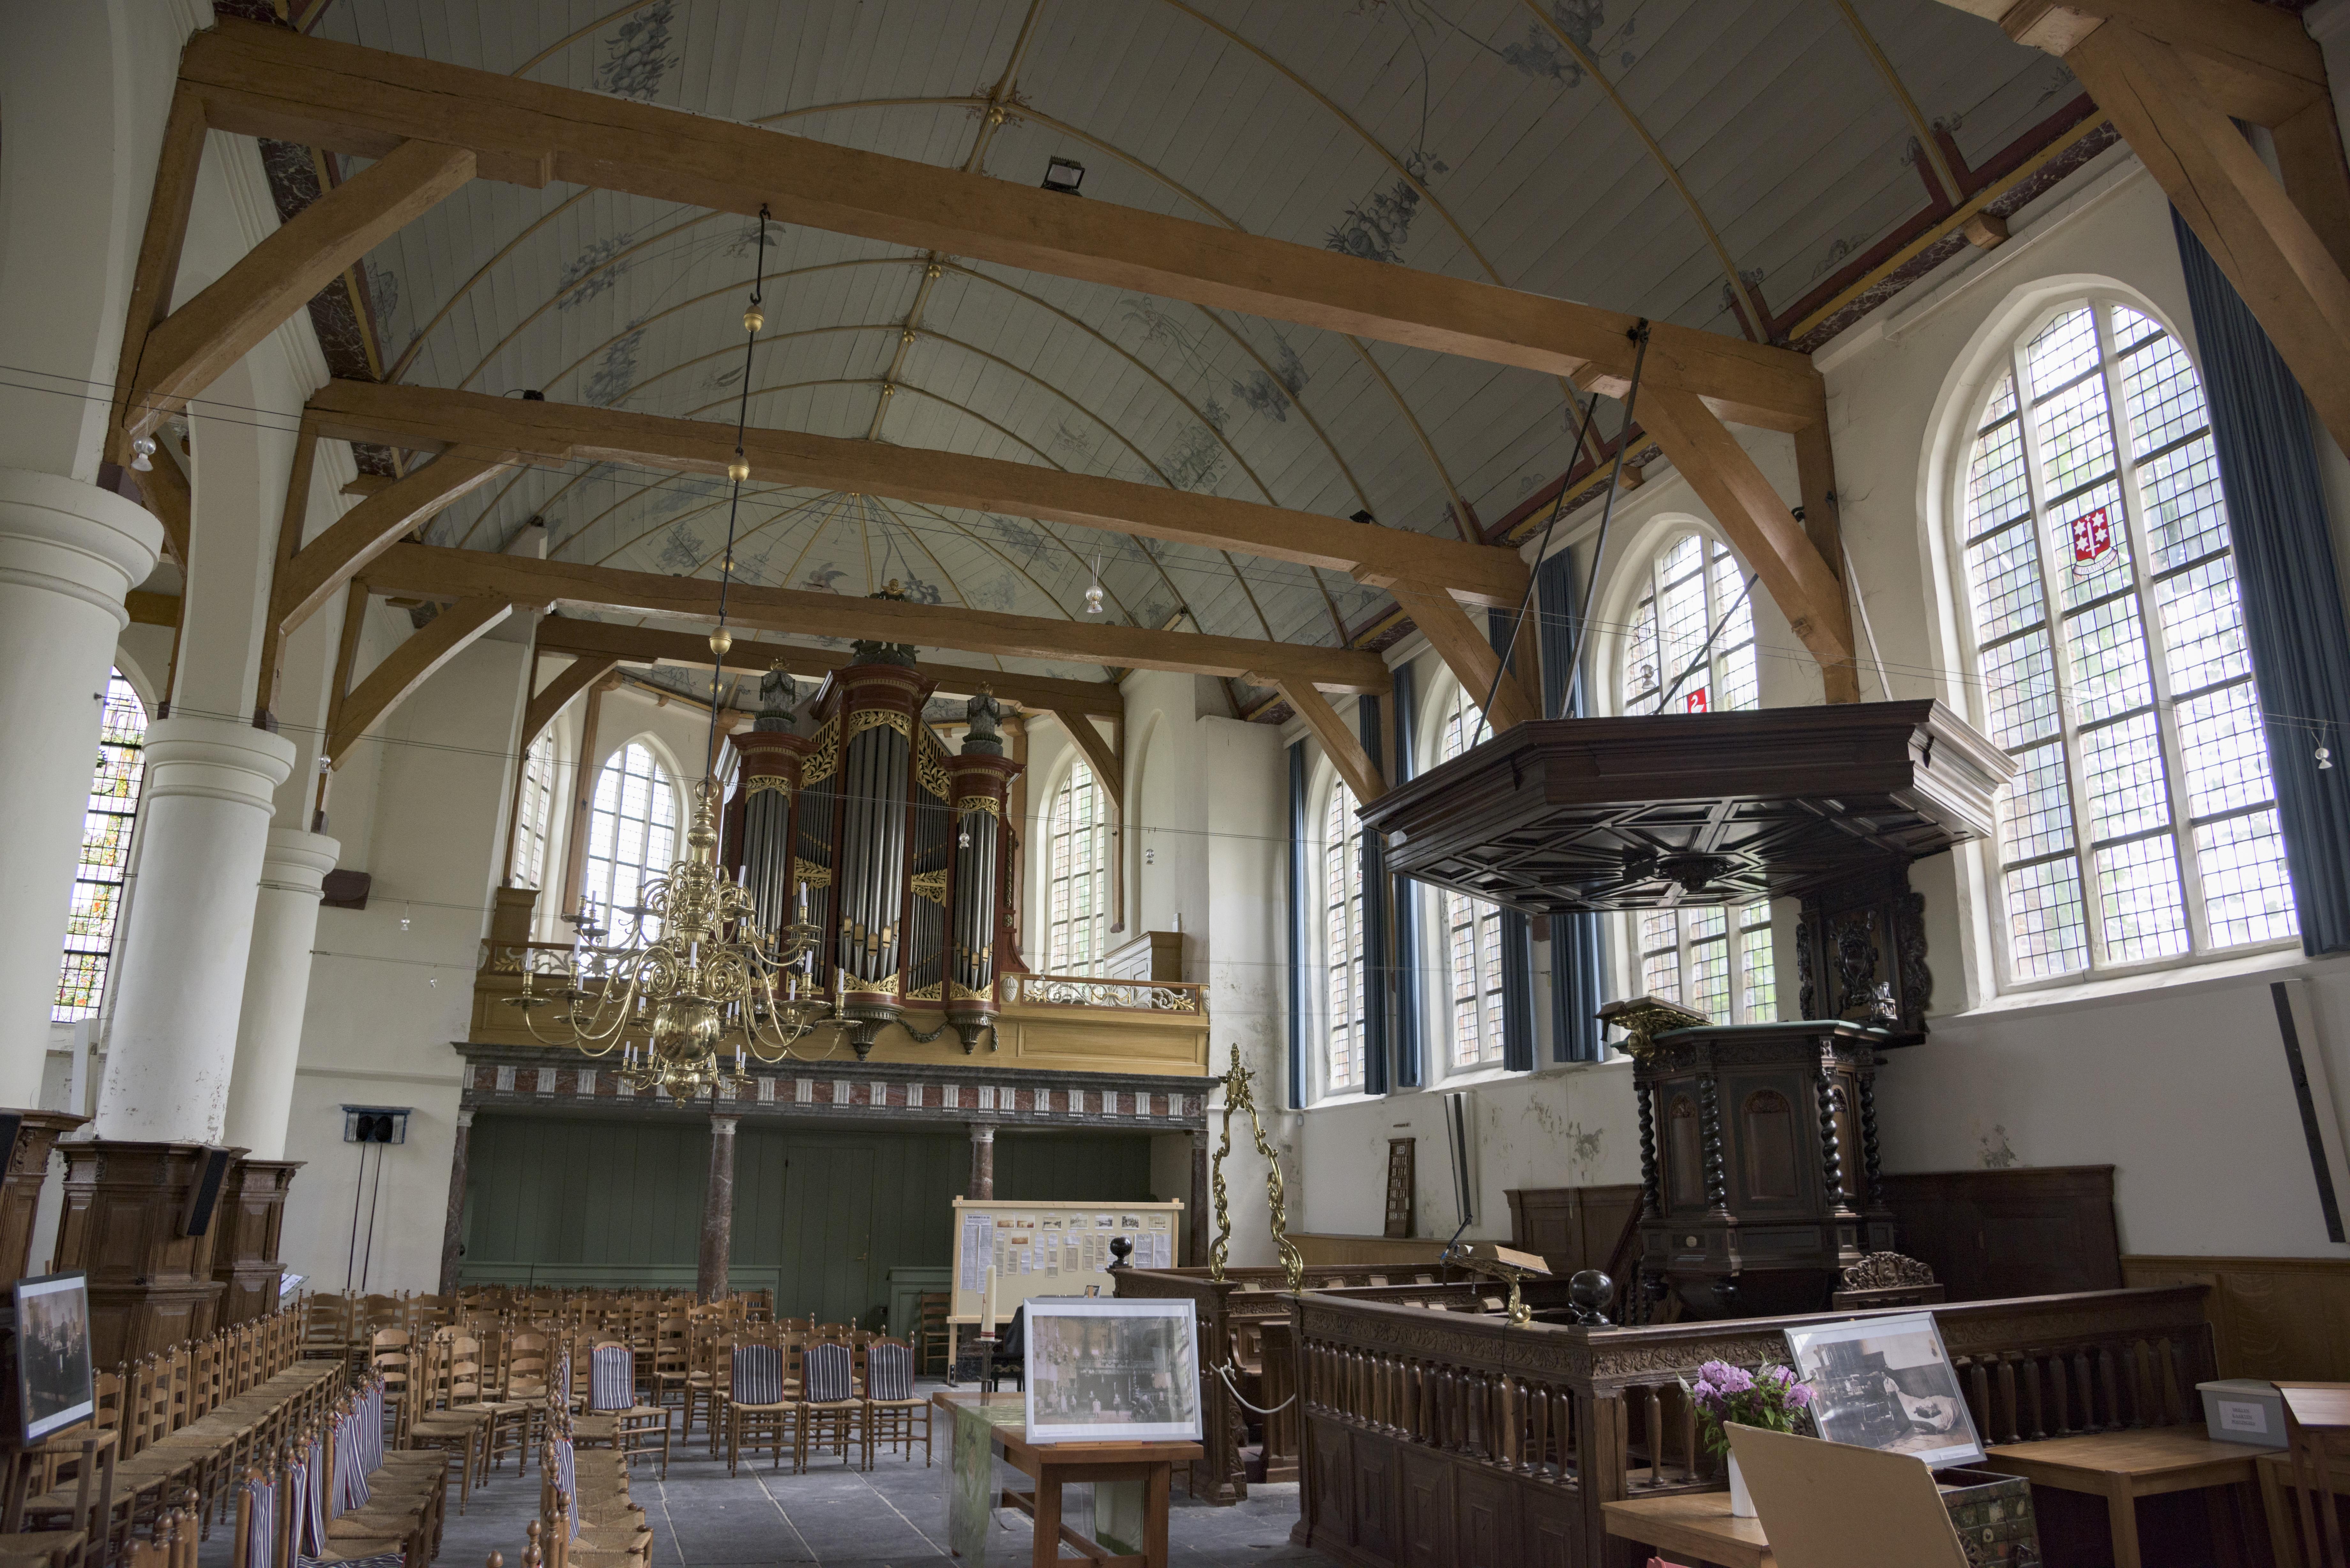 Interieur Broeker Kerk%2C Broek in Waterland hnapel 002 - Broeker Kerk Broek In Waterland